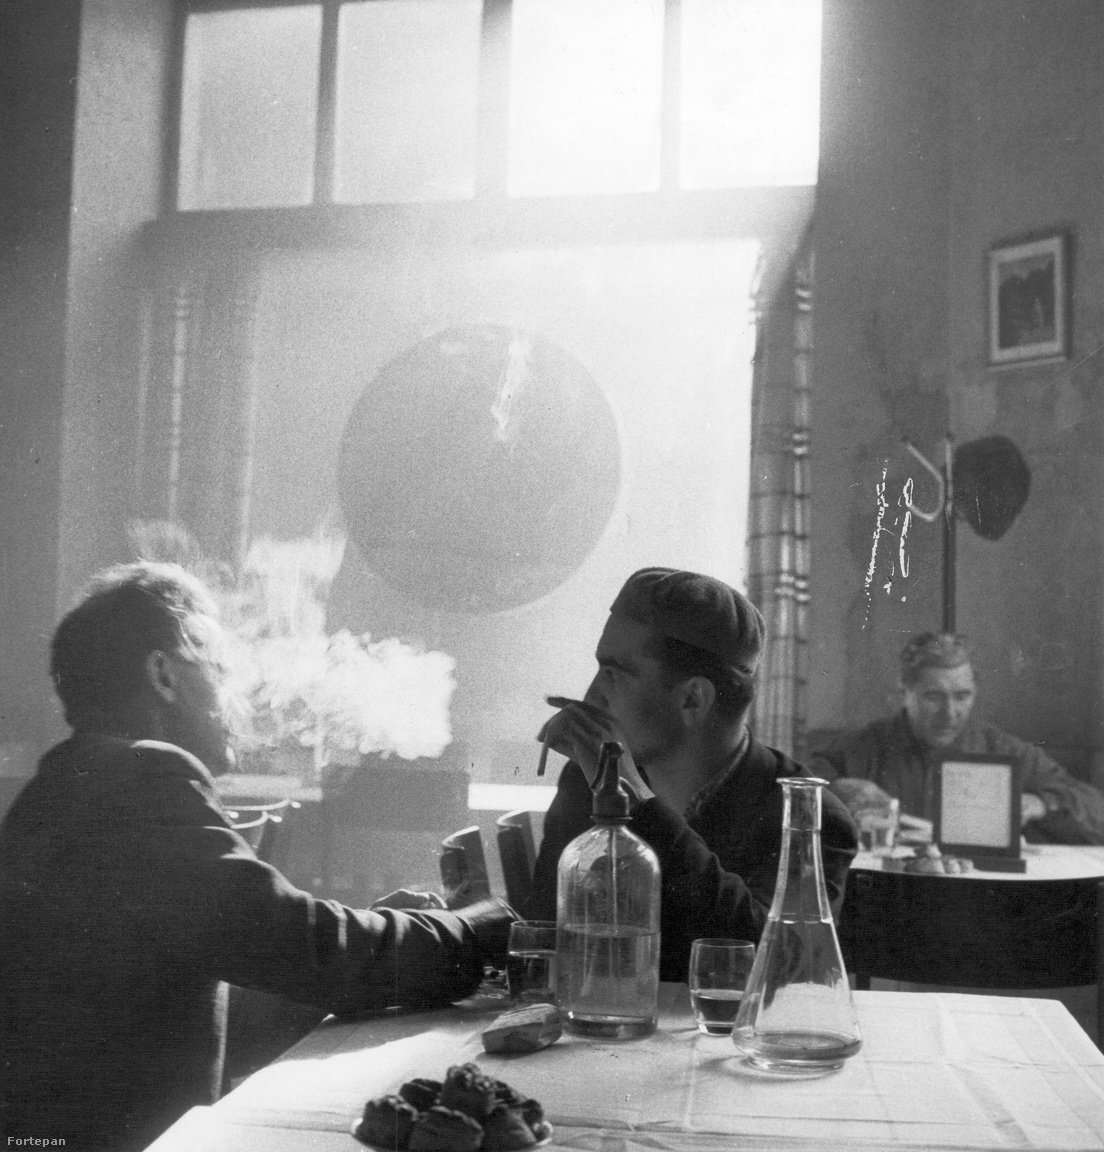 Kiss Imre, szódaszónok: Egy kisvendéglő a Ferencvárosban, 1965Korai eszmélésem egyik hangulati összefoglalása ez a kép. Arra csak a közelmúltban döbbentem rá, hogy a szóda milyen fontos – volt és lesz – az életemben, de a gomolygó füst és az odafordulás a fehér abrosz felett már gyerek fejjel is a társas lét egyik tipikus életképe volt számomra. Hogy fröccsöztek az is nyilvánvaló, az üres karaf árulkodik és árválkodik, várva az újratöltést.                          A pogácsa már csak a ráadás.